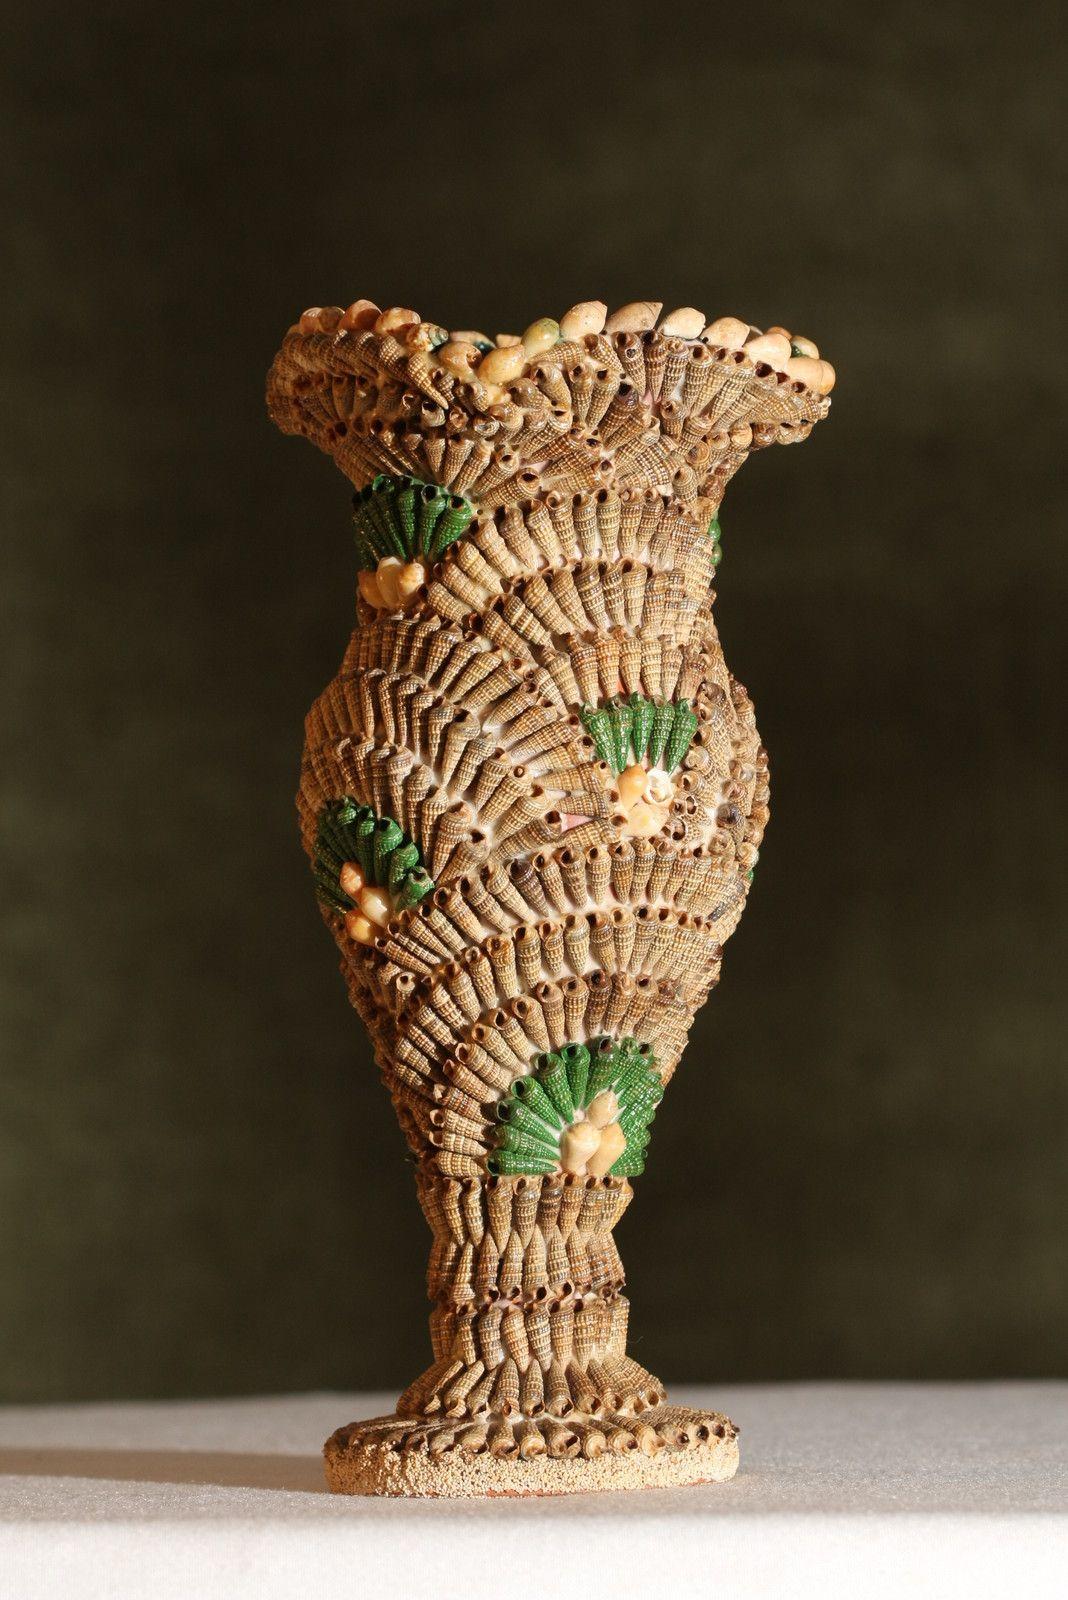 Seashell vase seashell craft idea pinterest shell shell seashell vase reviewsmspy